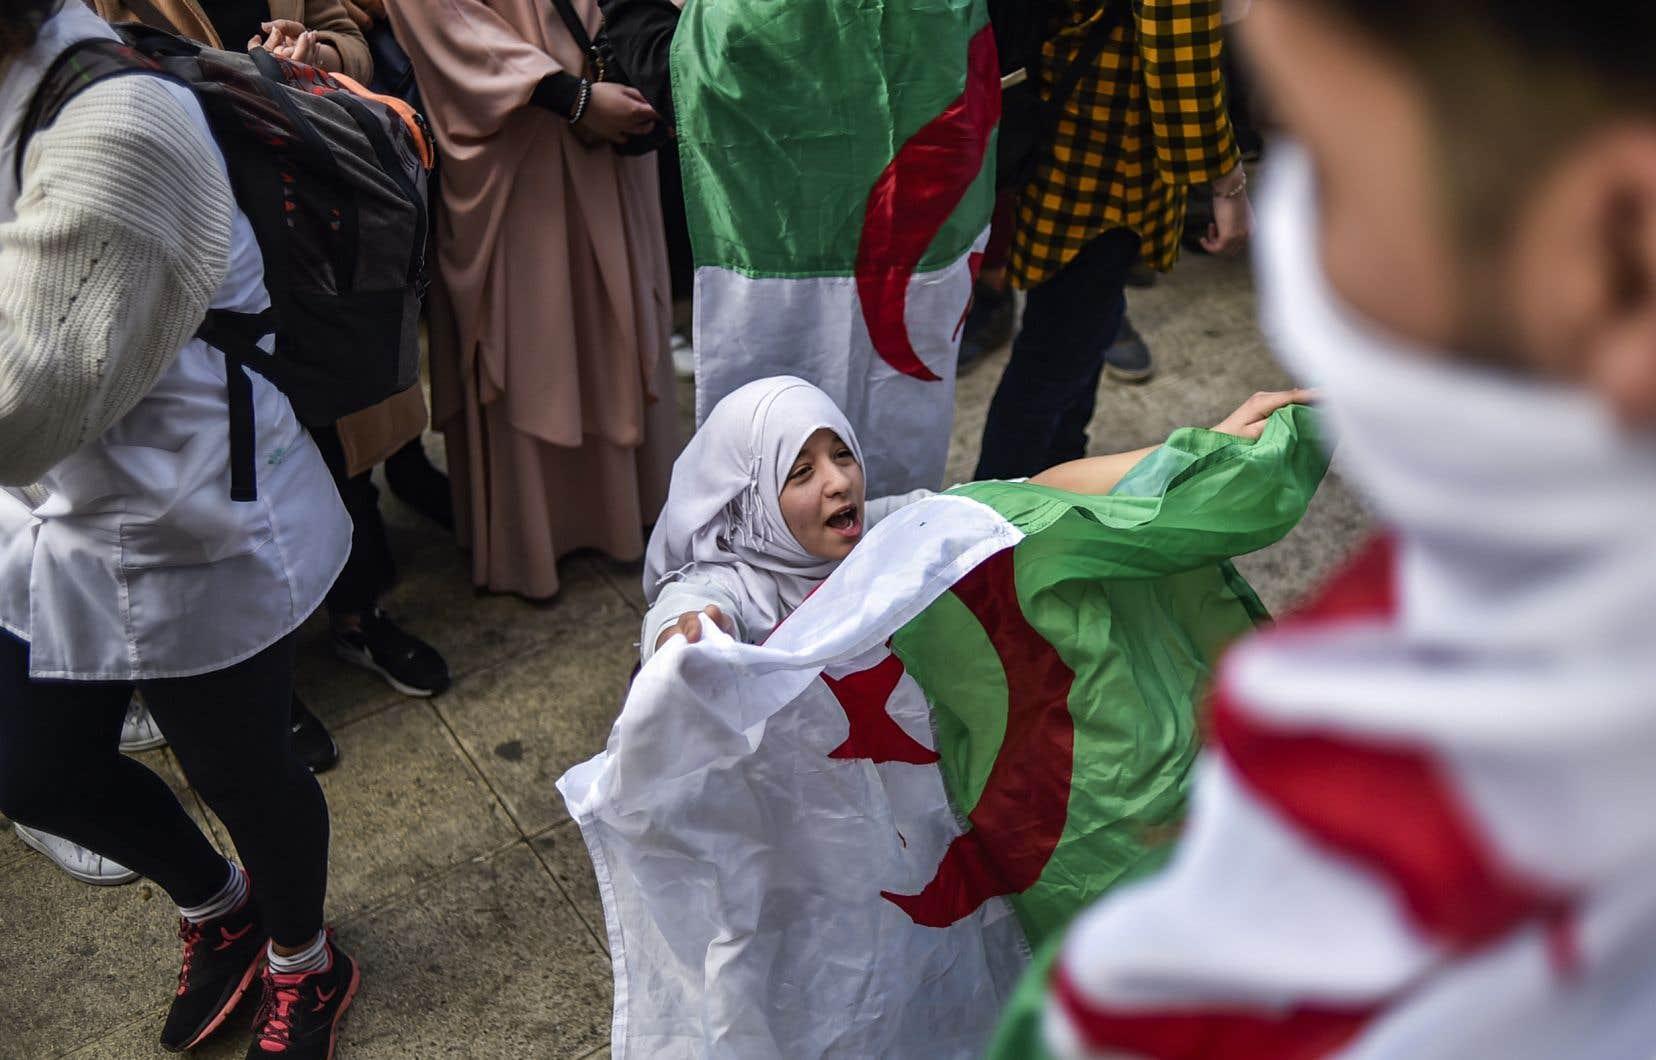 Dimanche, dans le centre d'Alger, un millier de lycéens, drapeaux algériens à la main ou noués autour du cou, se sont rassemblés.